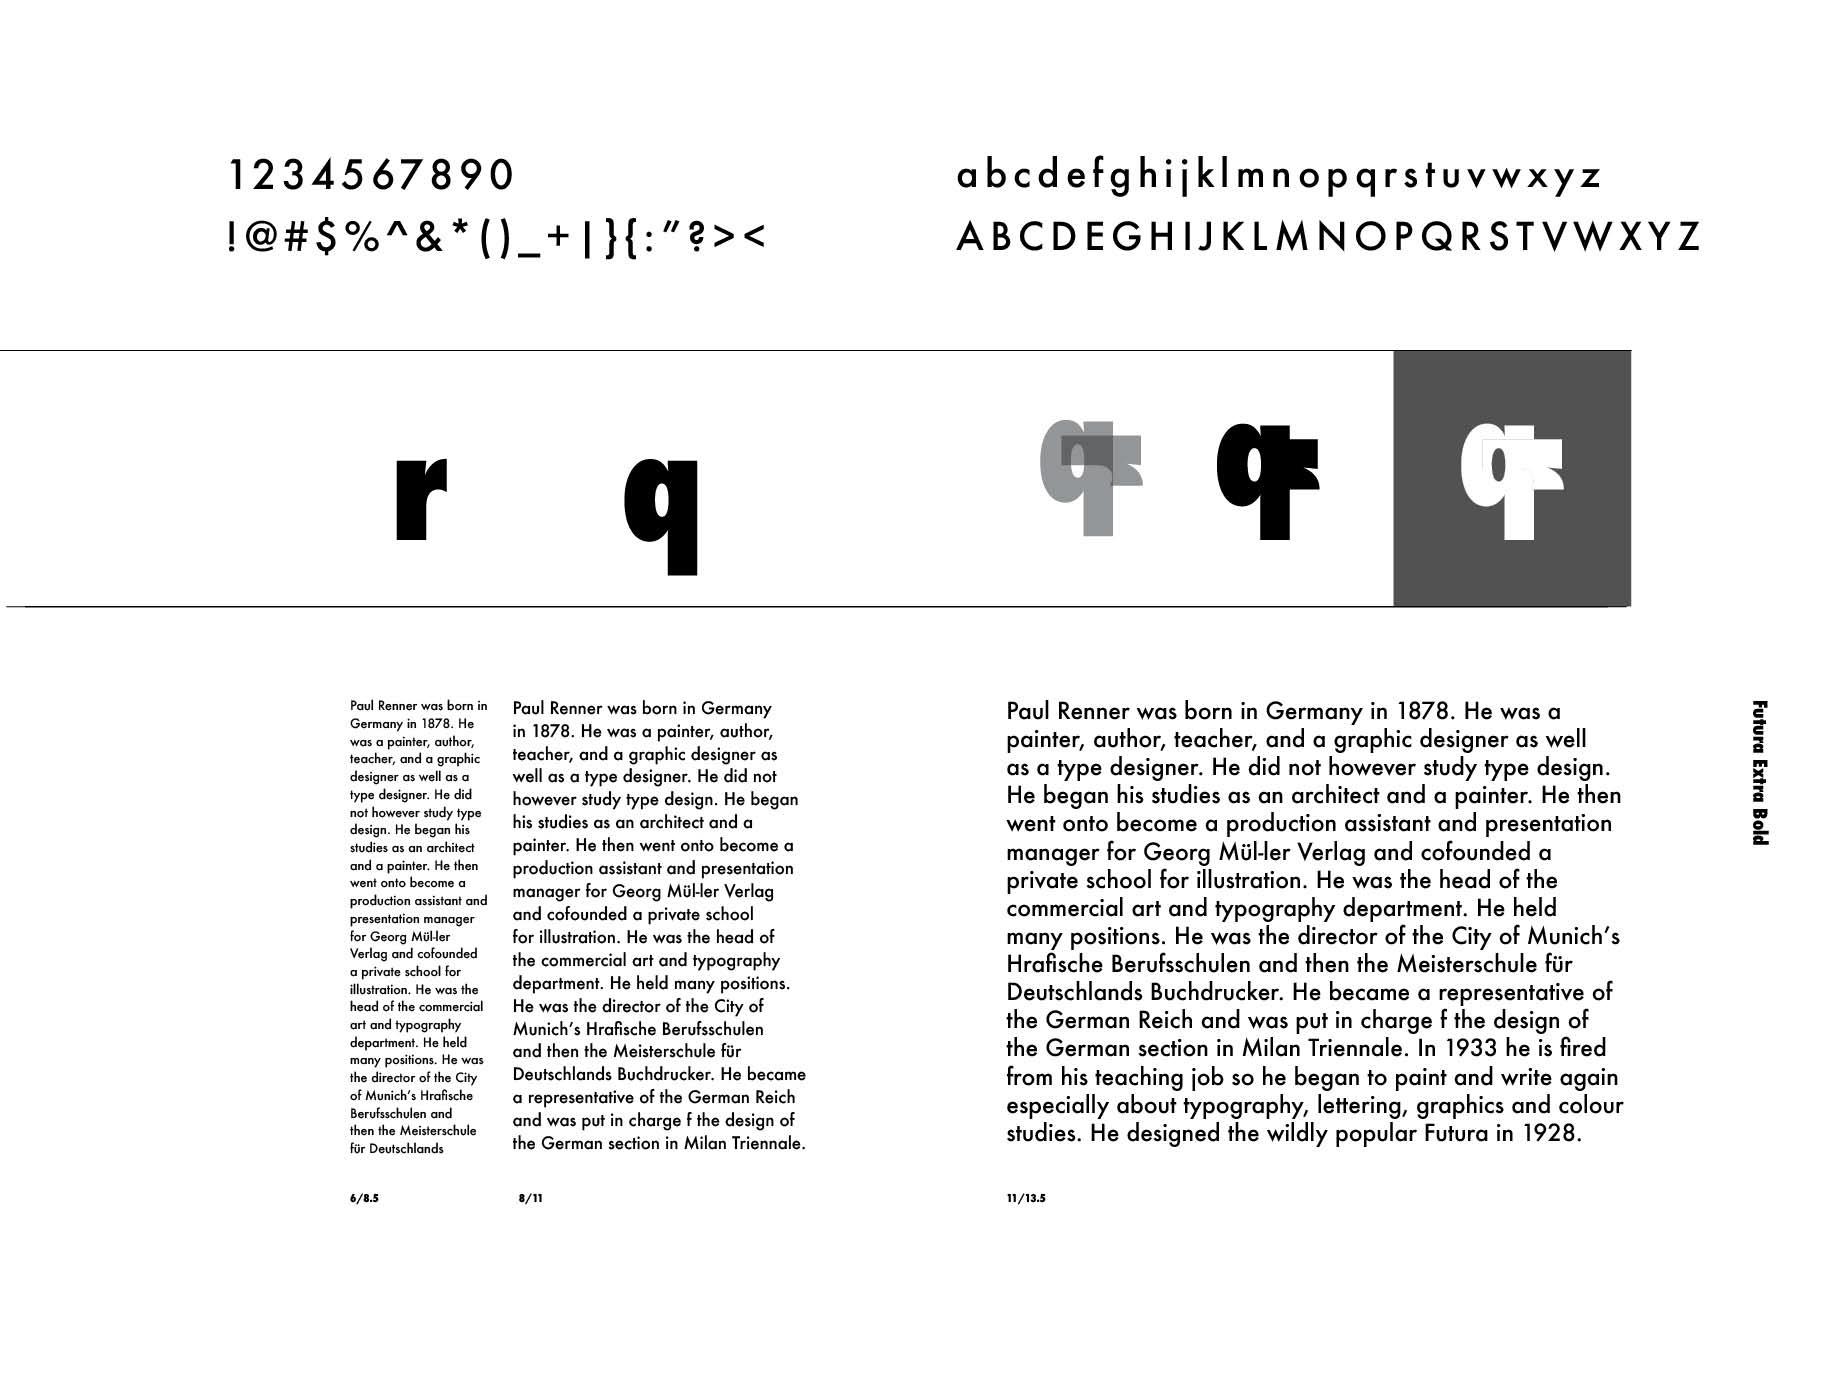 Kaasvi Oberoi - 24 Logos and Typefaces